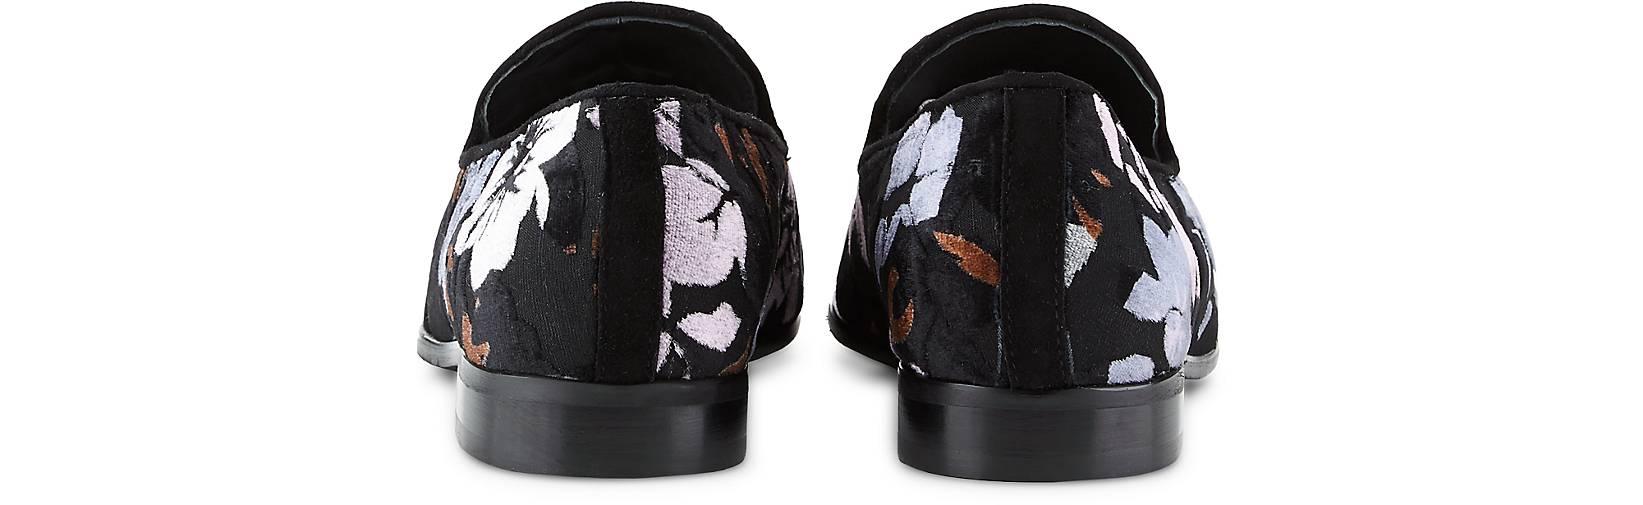 Pedro Miralles Tassel-Slipper in schwarz kaufen kaufen kaufen - 47744502   GÖRTZ e2def1